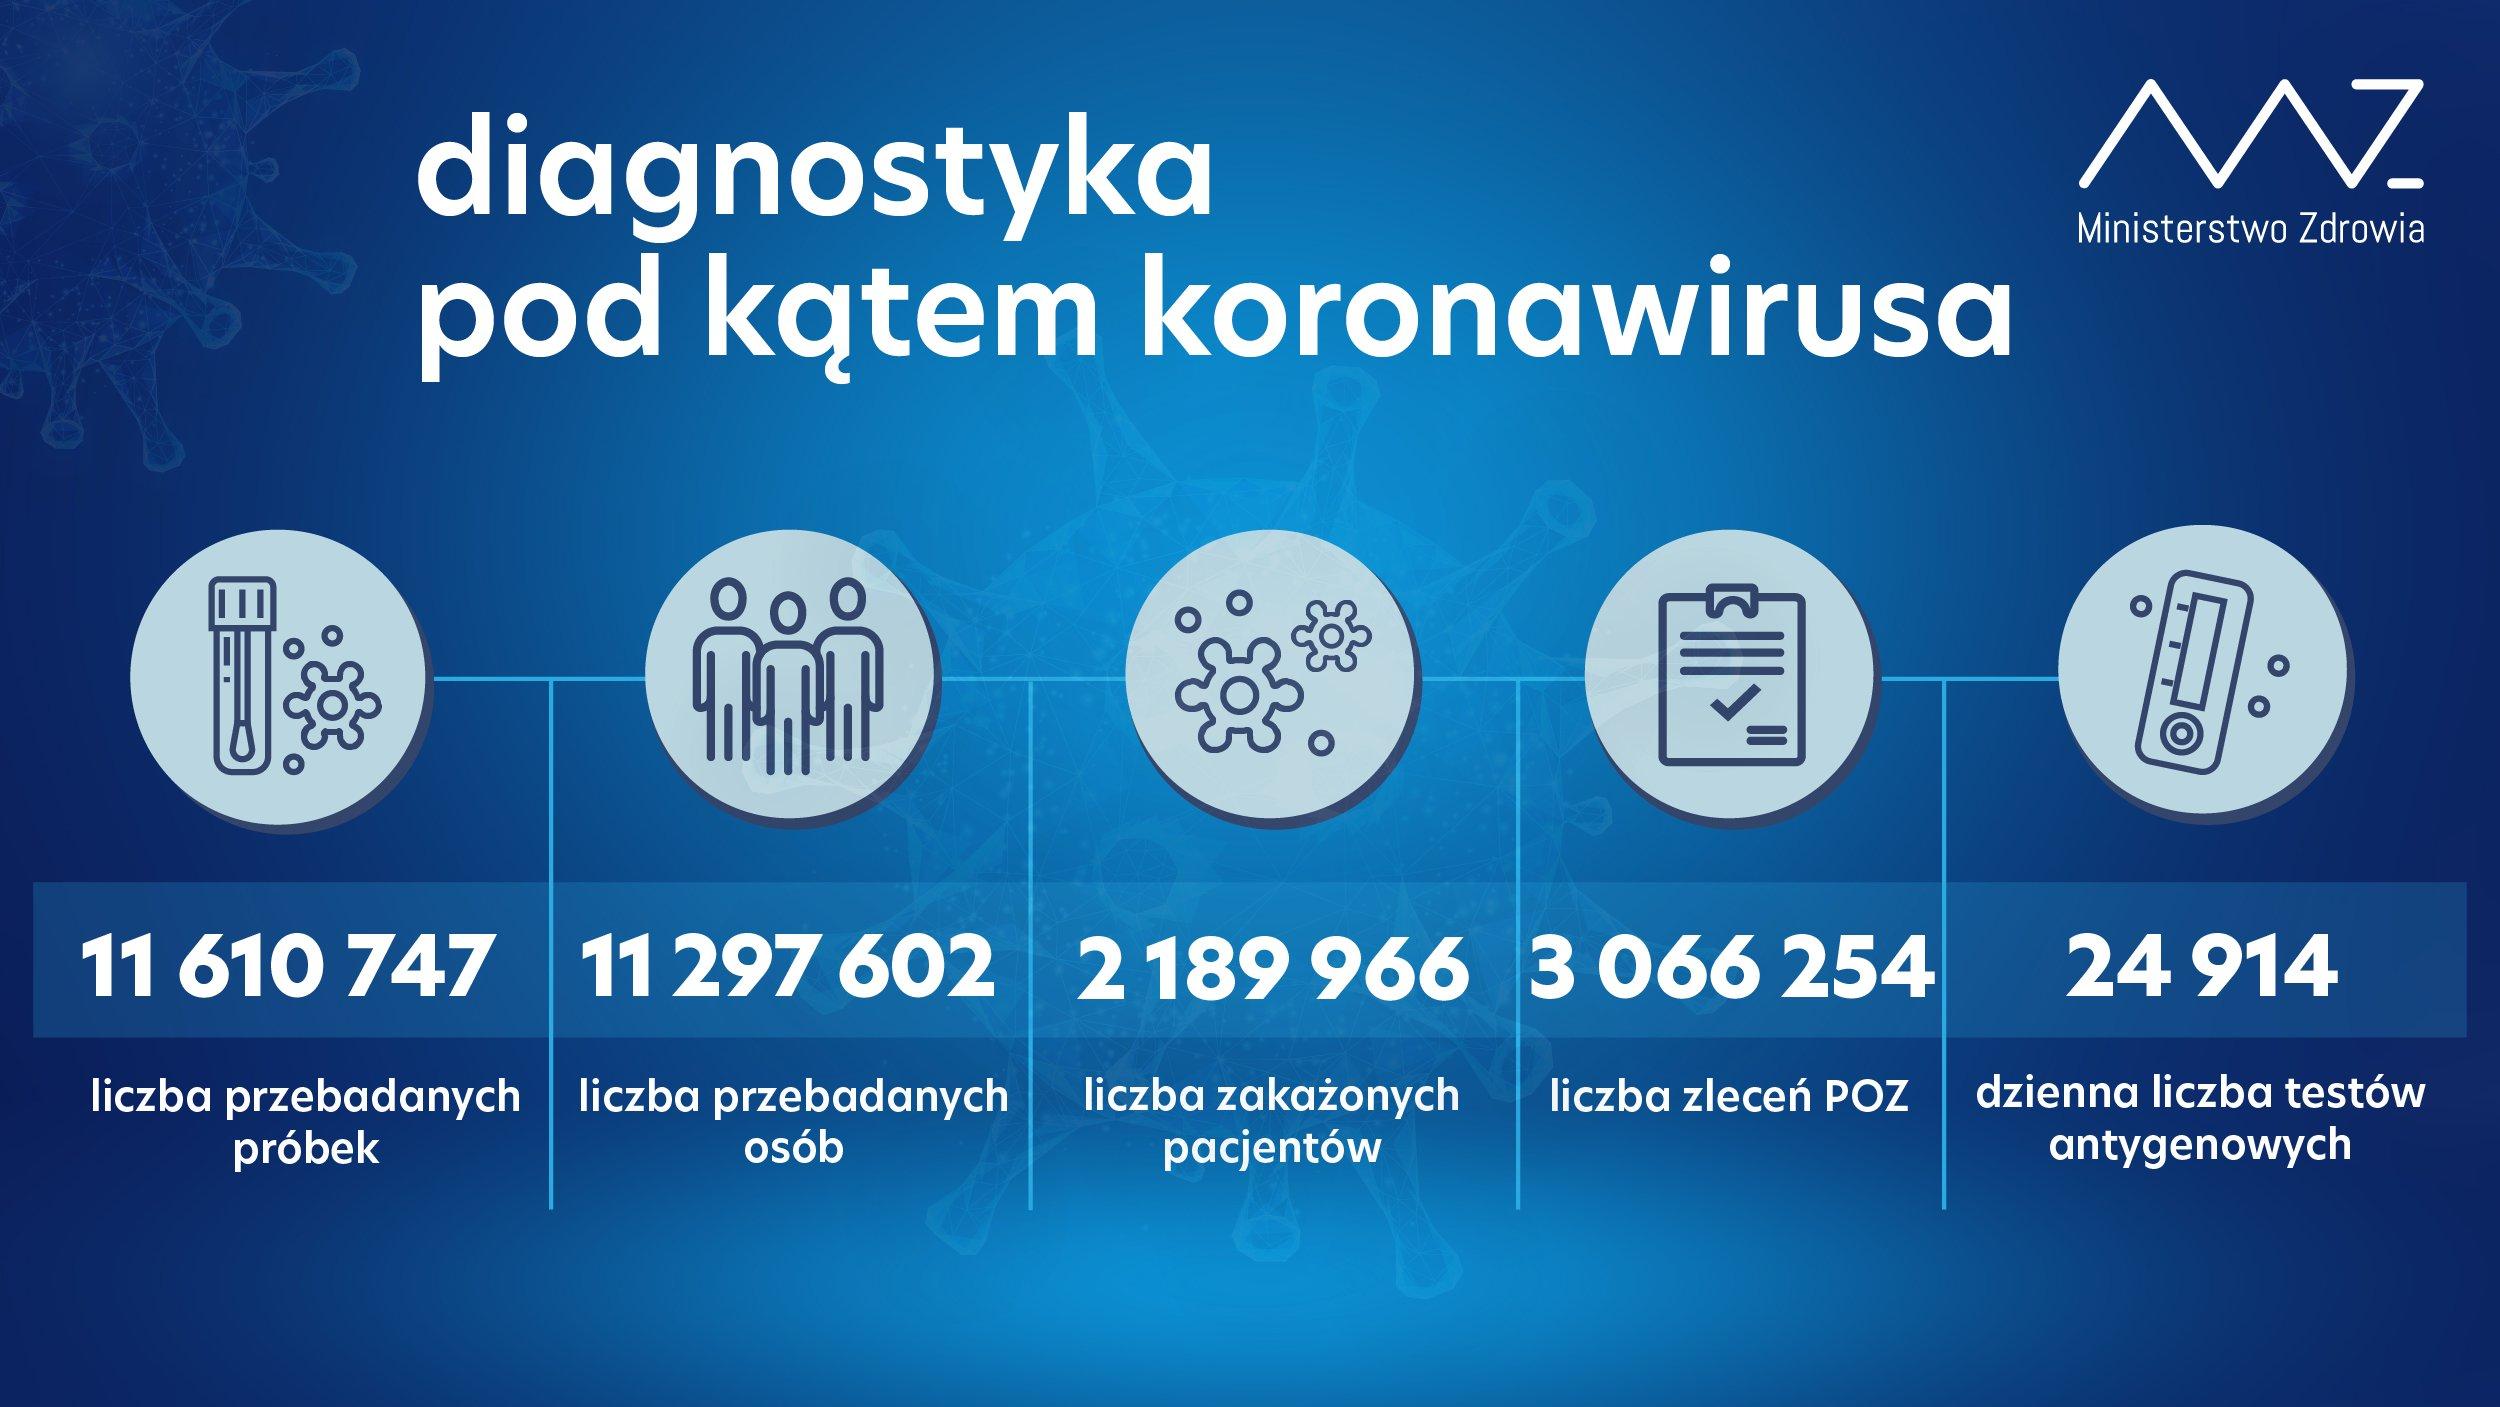 -  11 610 747 przebadanych próbek; -  11 297 602 przebadanych osób; -  2 189 966 zakażonych pacjentów; -  w ciągu doby wykonano 107 713 testów, w tym 24 914 testów antygenowych; -  liczba zleceń z POZ: 3 066 254.